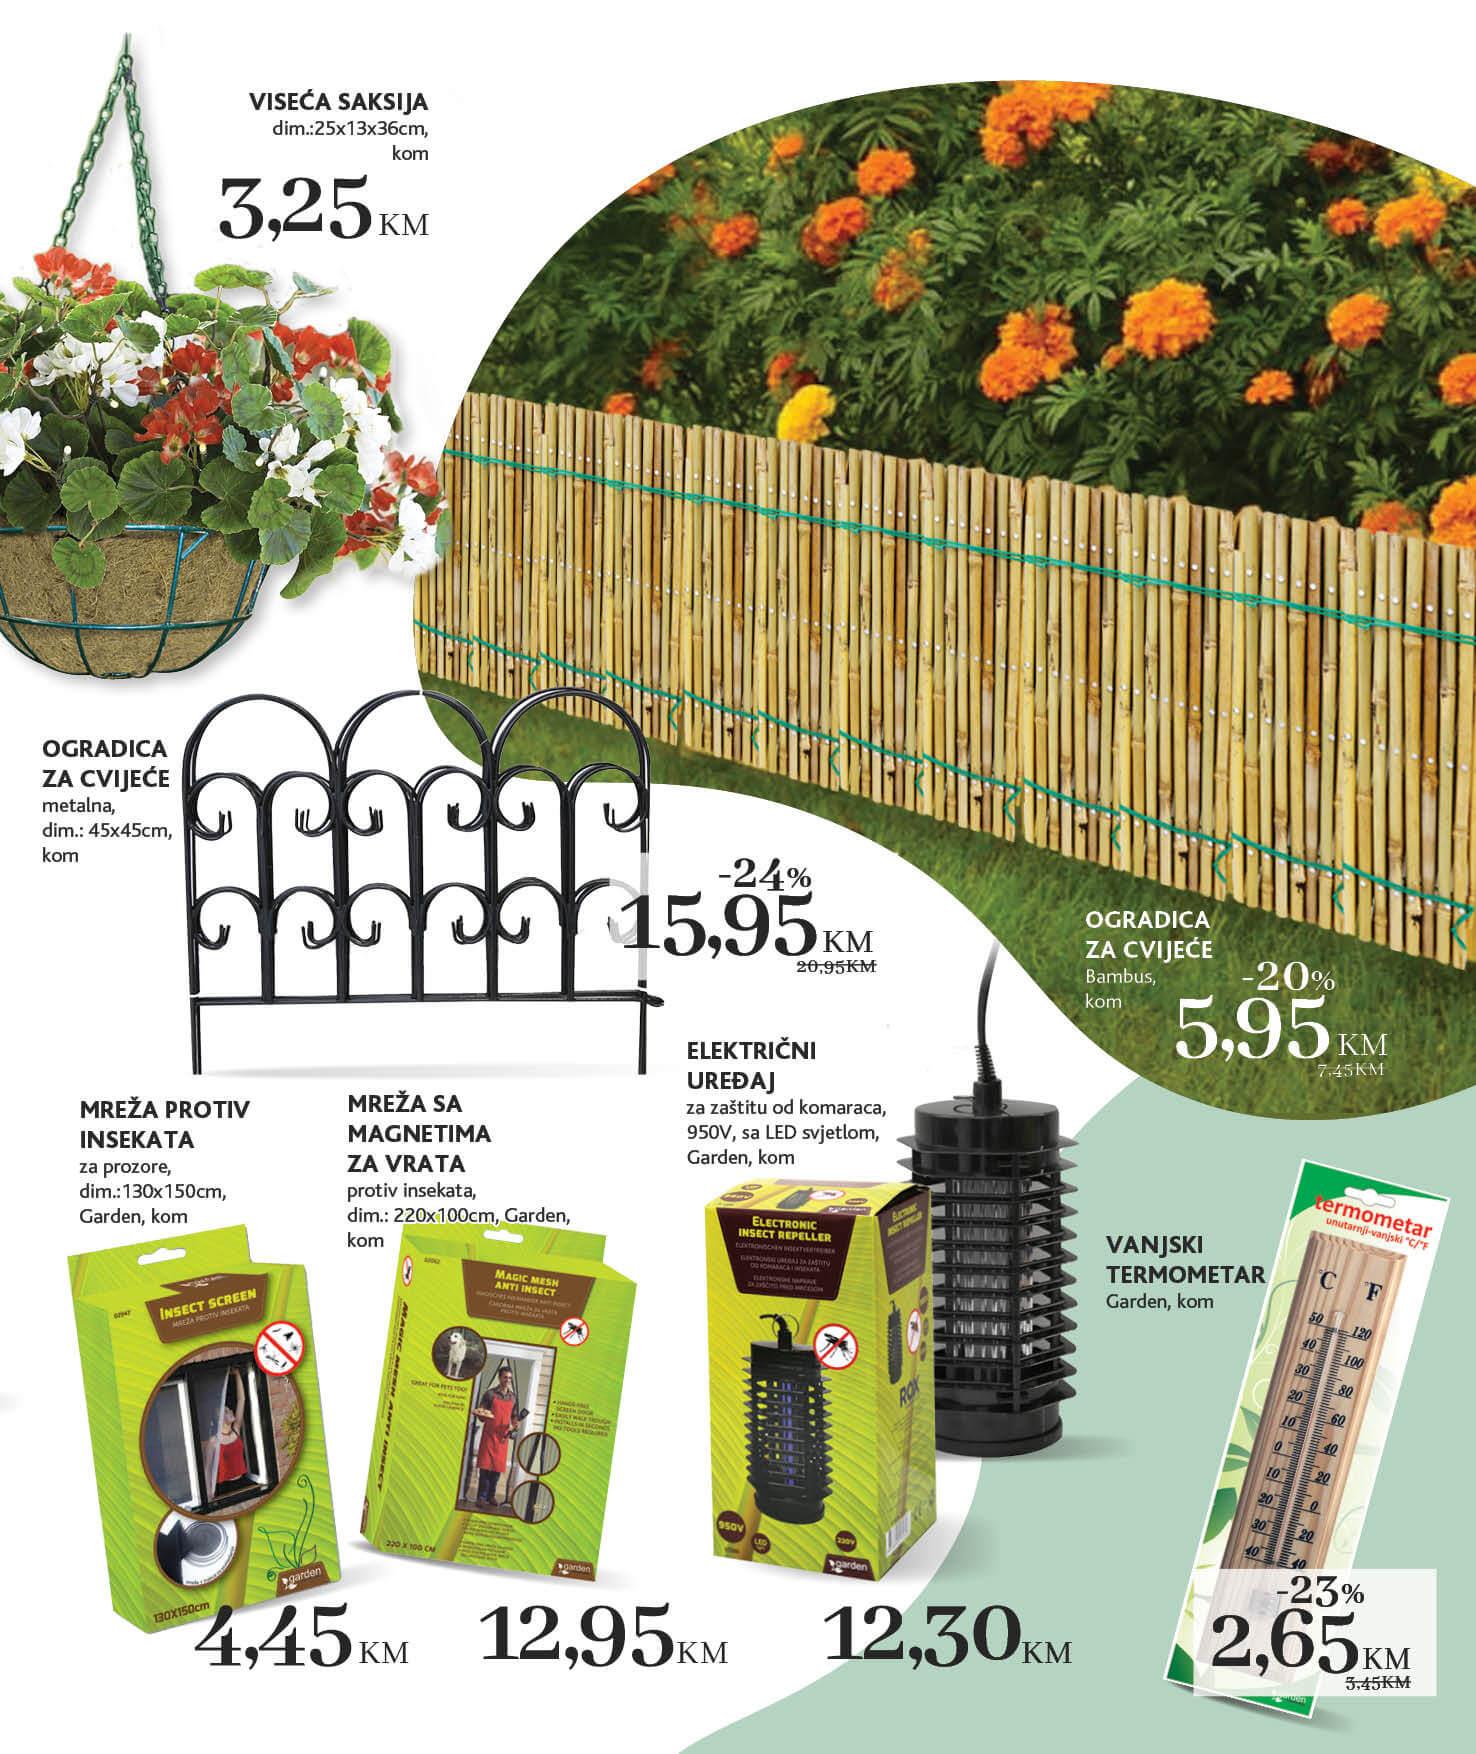 KONZUM Katalog Za boravak u prirodi JUN i JUL 2021 14.6. 14.7. eKatalozi.com PR Page 15